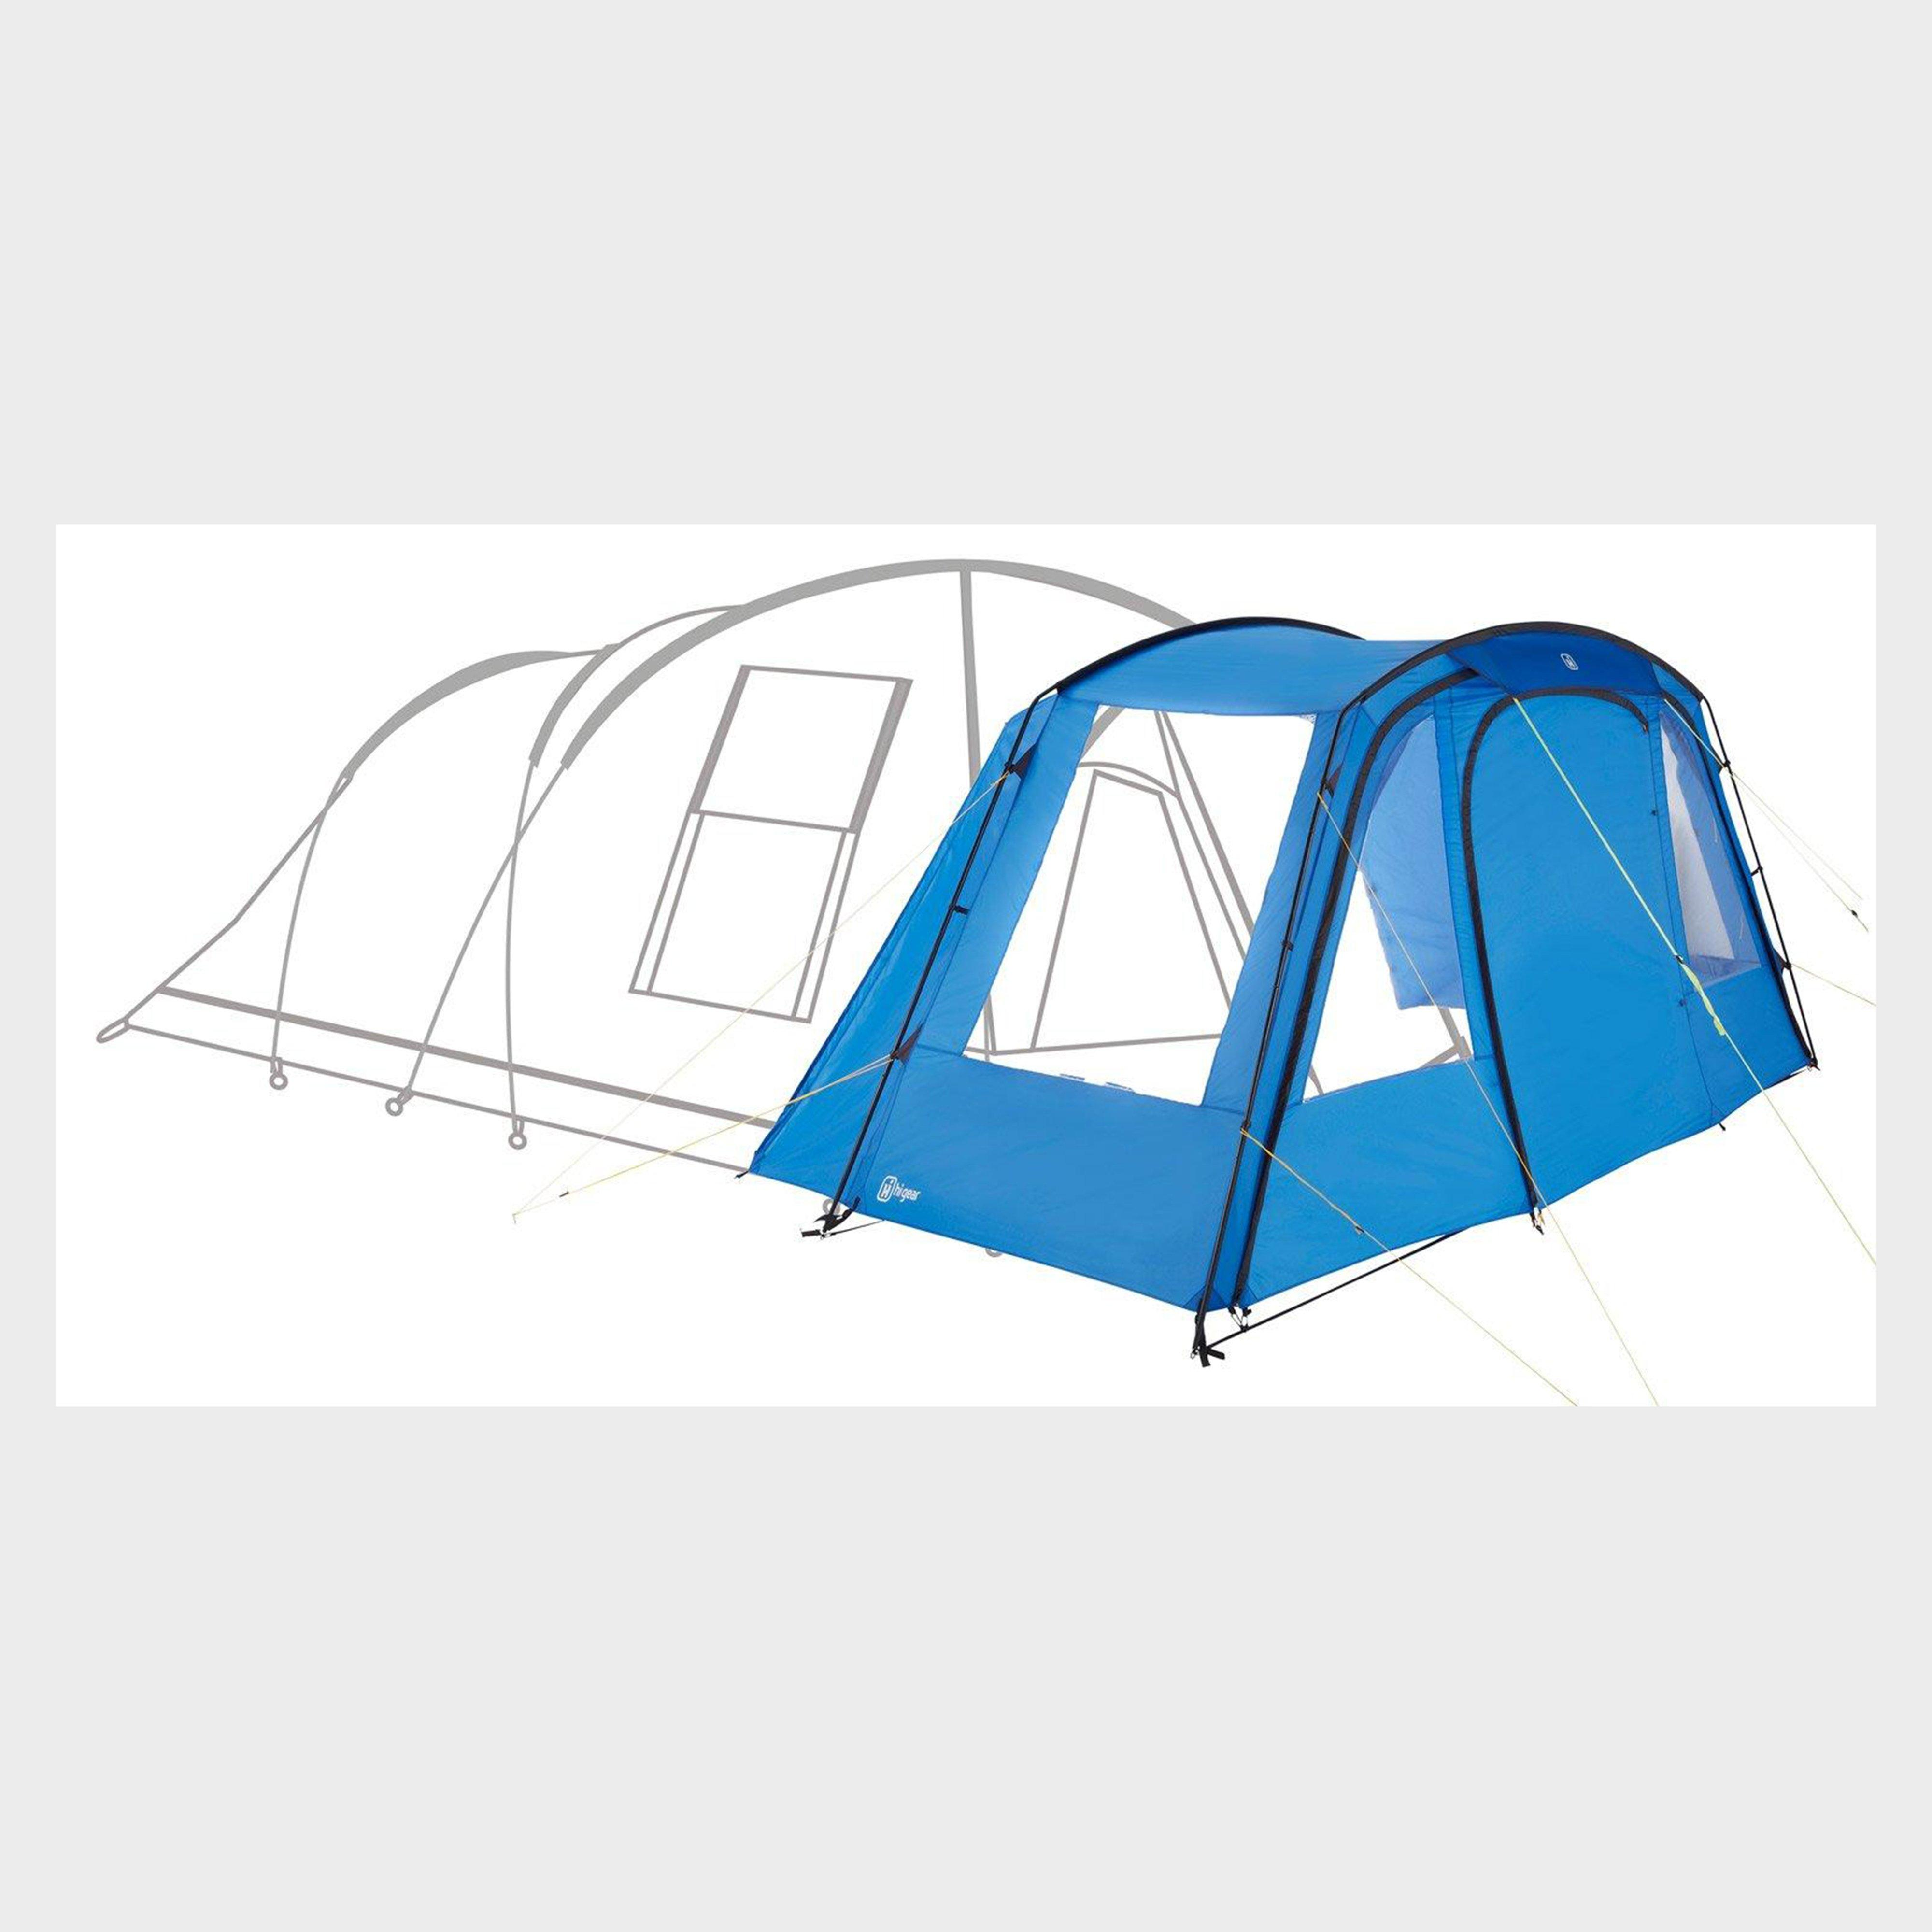 New Hi-Gear Vanguard 8 Tent Porch